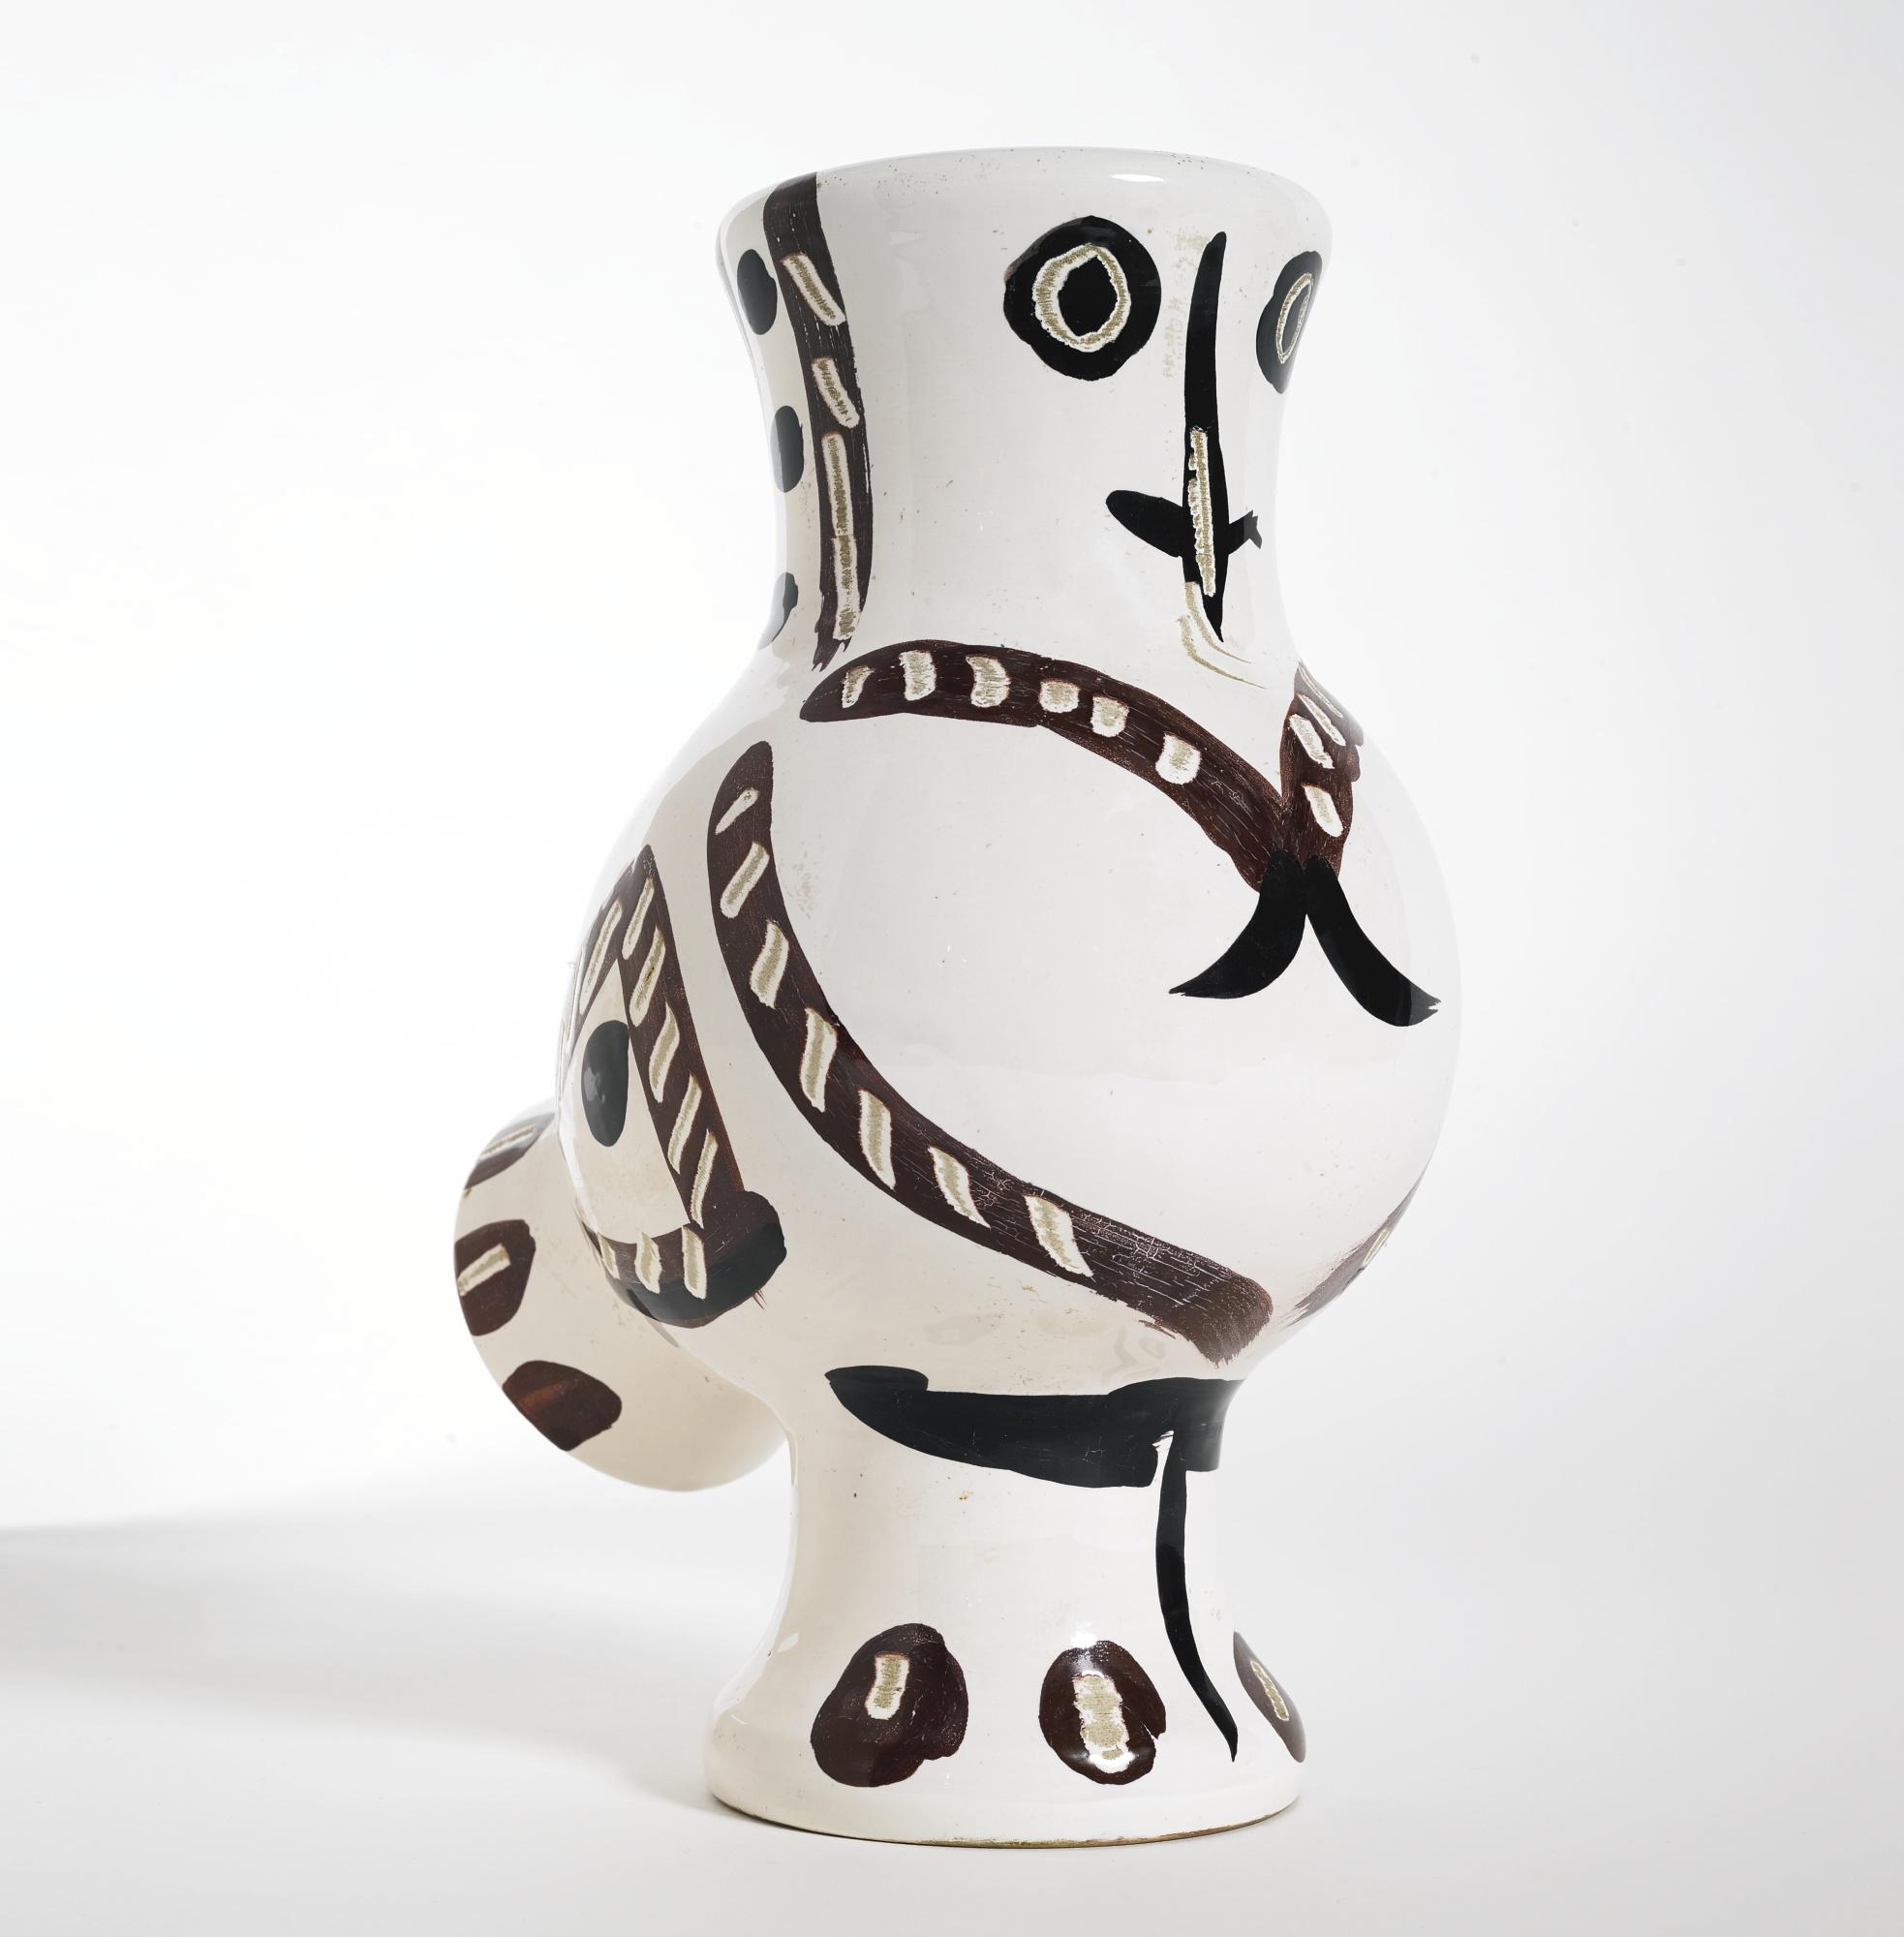 Pablo Picasso-Chouette Aux Traits (A. R. 121)-1951